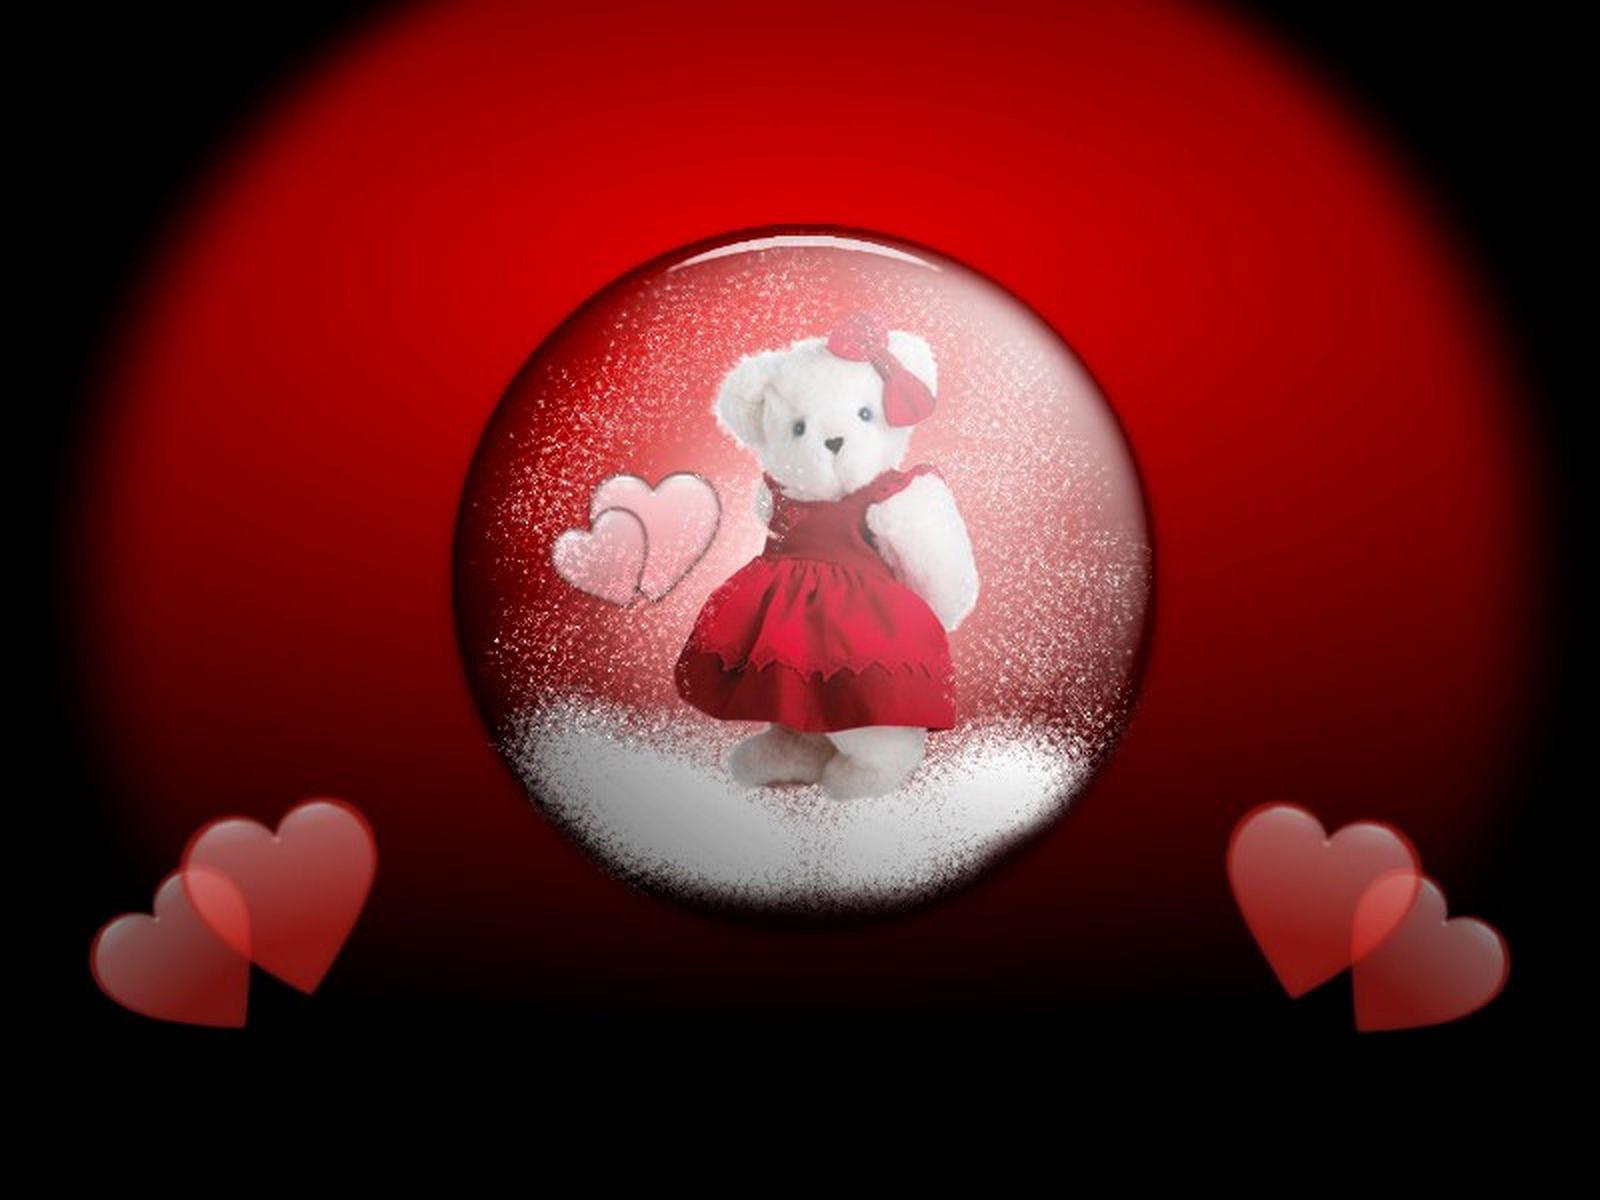 http://4.bp.blogspot.com/-VBfTYJNQz6s/TruCOnXiTQI/AAAAAAAAQoY/h74gS-qRBc8/s1600/Mooie-love-achtergronden-leuke-hd-love-wallpapers-afbeelding-plaatje-18.jpg